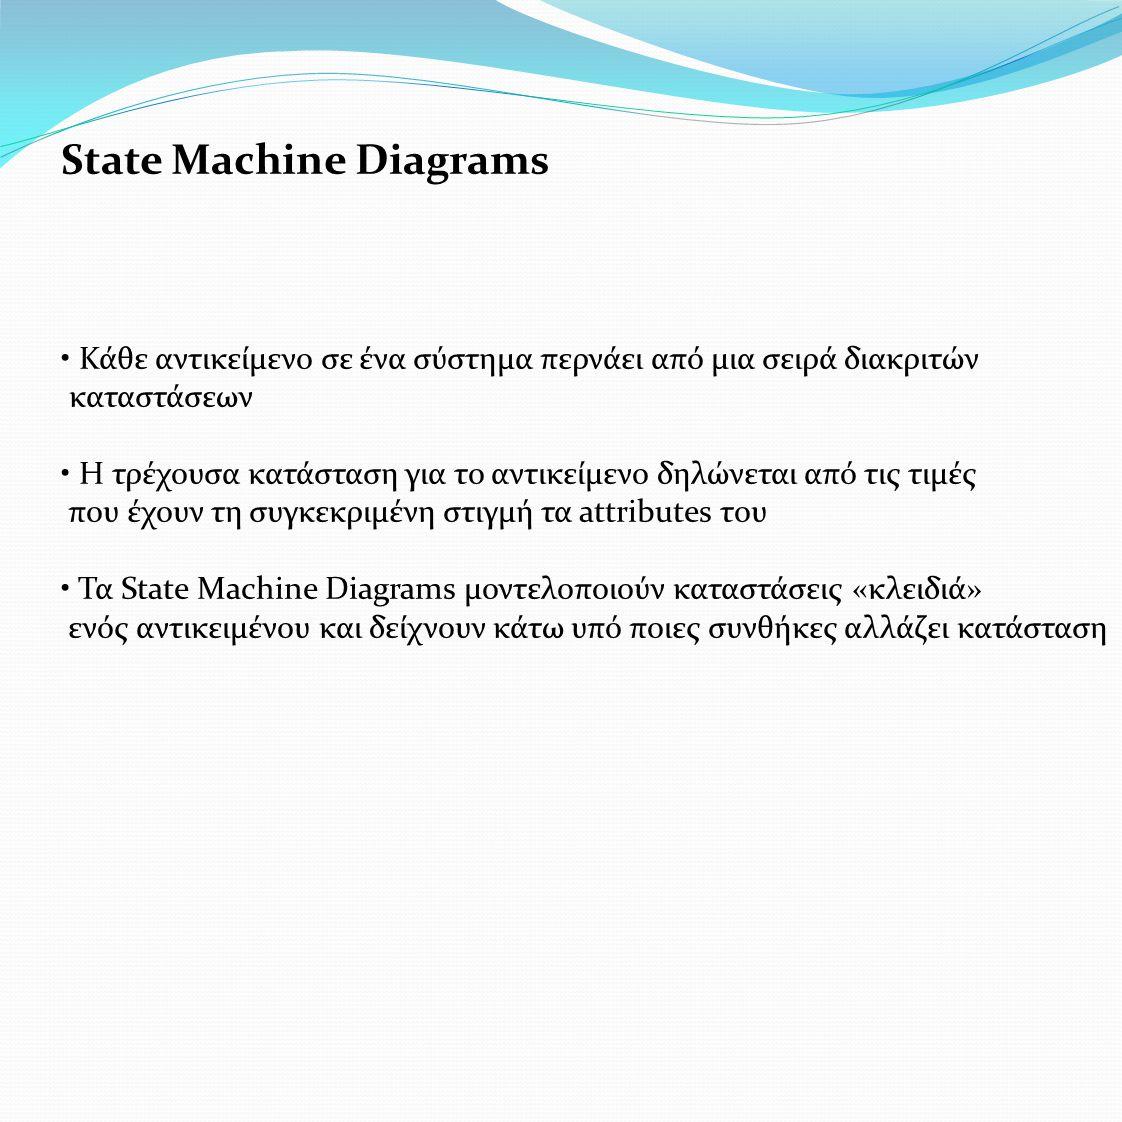 State Machine Diagrams • Κάθε αντικείμενο σε ένα σύστημα περνάει από μια σειρά διακριτών καταστάσεων • Η τρέχουσα κατάσταση για το αντικείμενο δηλώνεται από τις τιμές που έχουν τη συγκεκριμένη στιγμή τα attributes του • Τα State Machine Diagrams μοντελοποιούν καταστάσεις «κλειδιά» ενός αντικειμένου και δείχνουν κάτω υπό ποιες συνθήκες αλλάζει κατάσταση